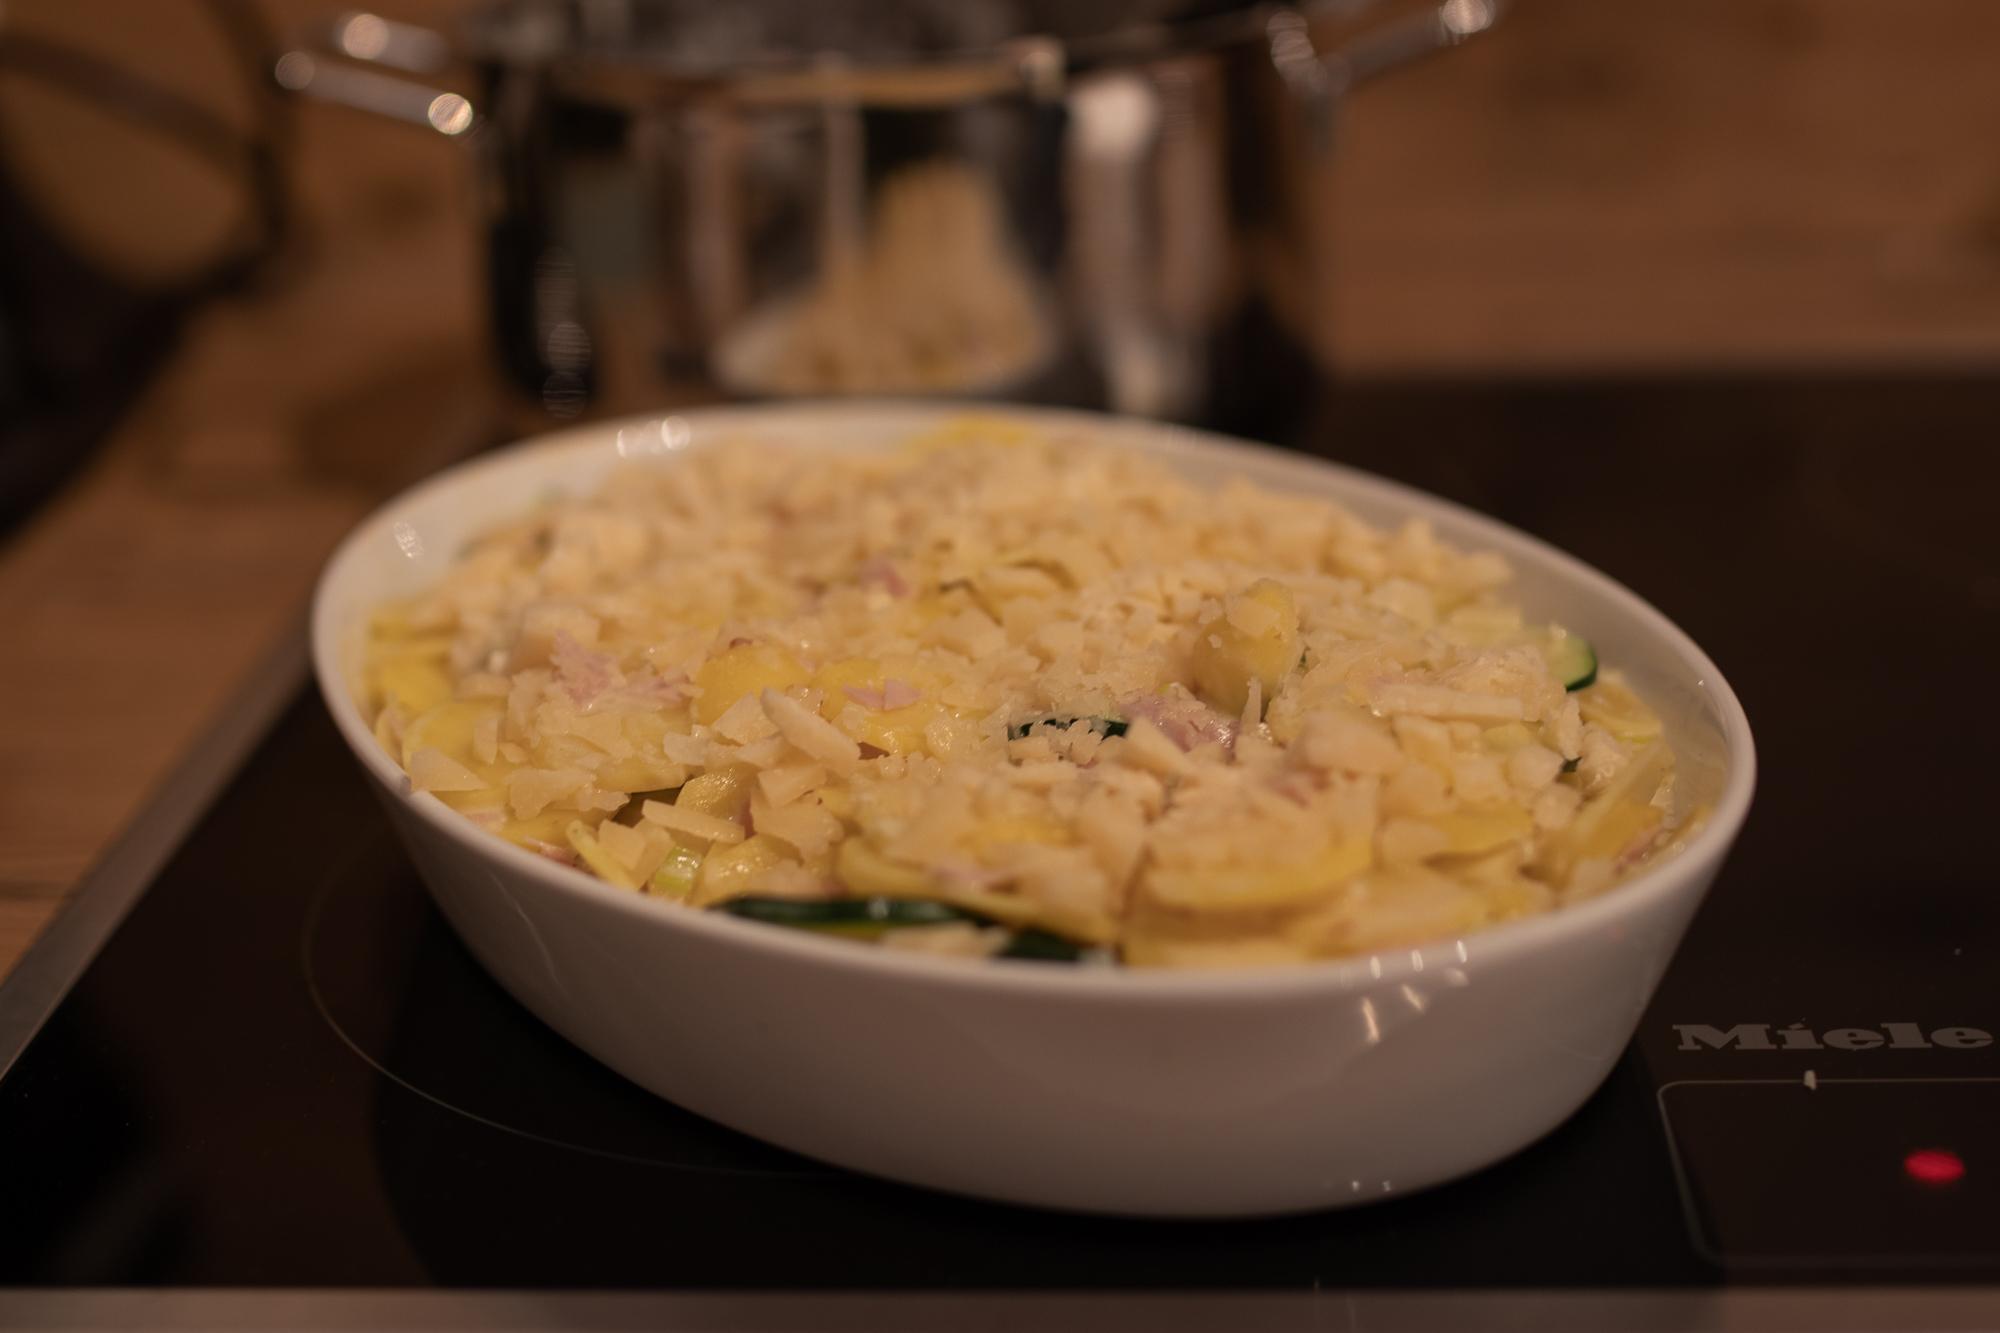 Rezept: Zucchini-Kartoffel Gratin auf dem österreichischen Lifestyle Blog Bits and Bobs by Eva. Mehr Food auf www.bitsandbobsbyeva.com